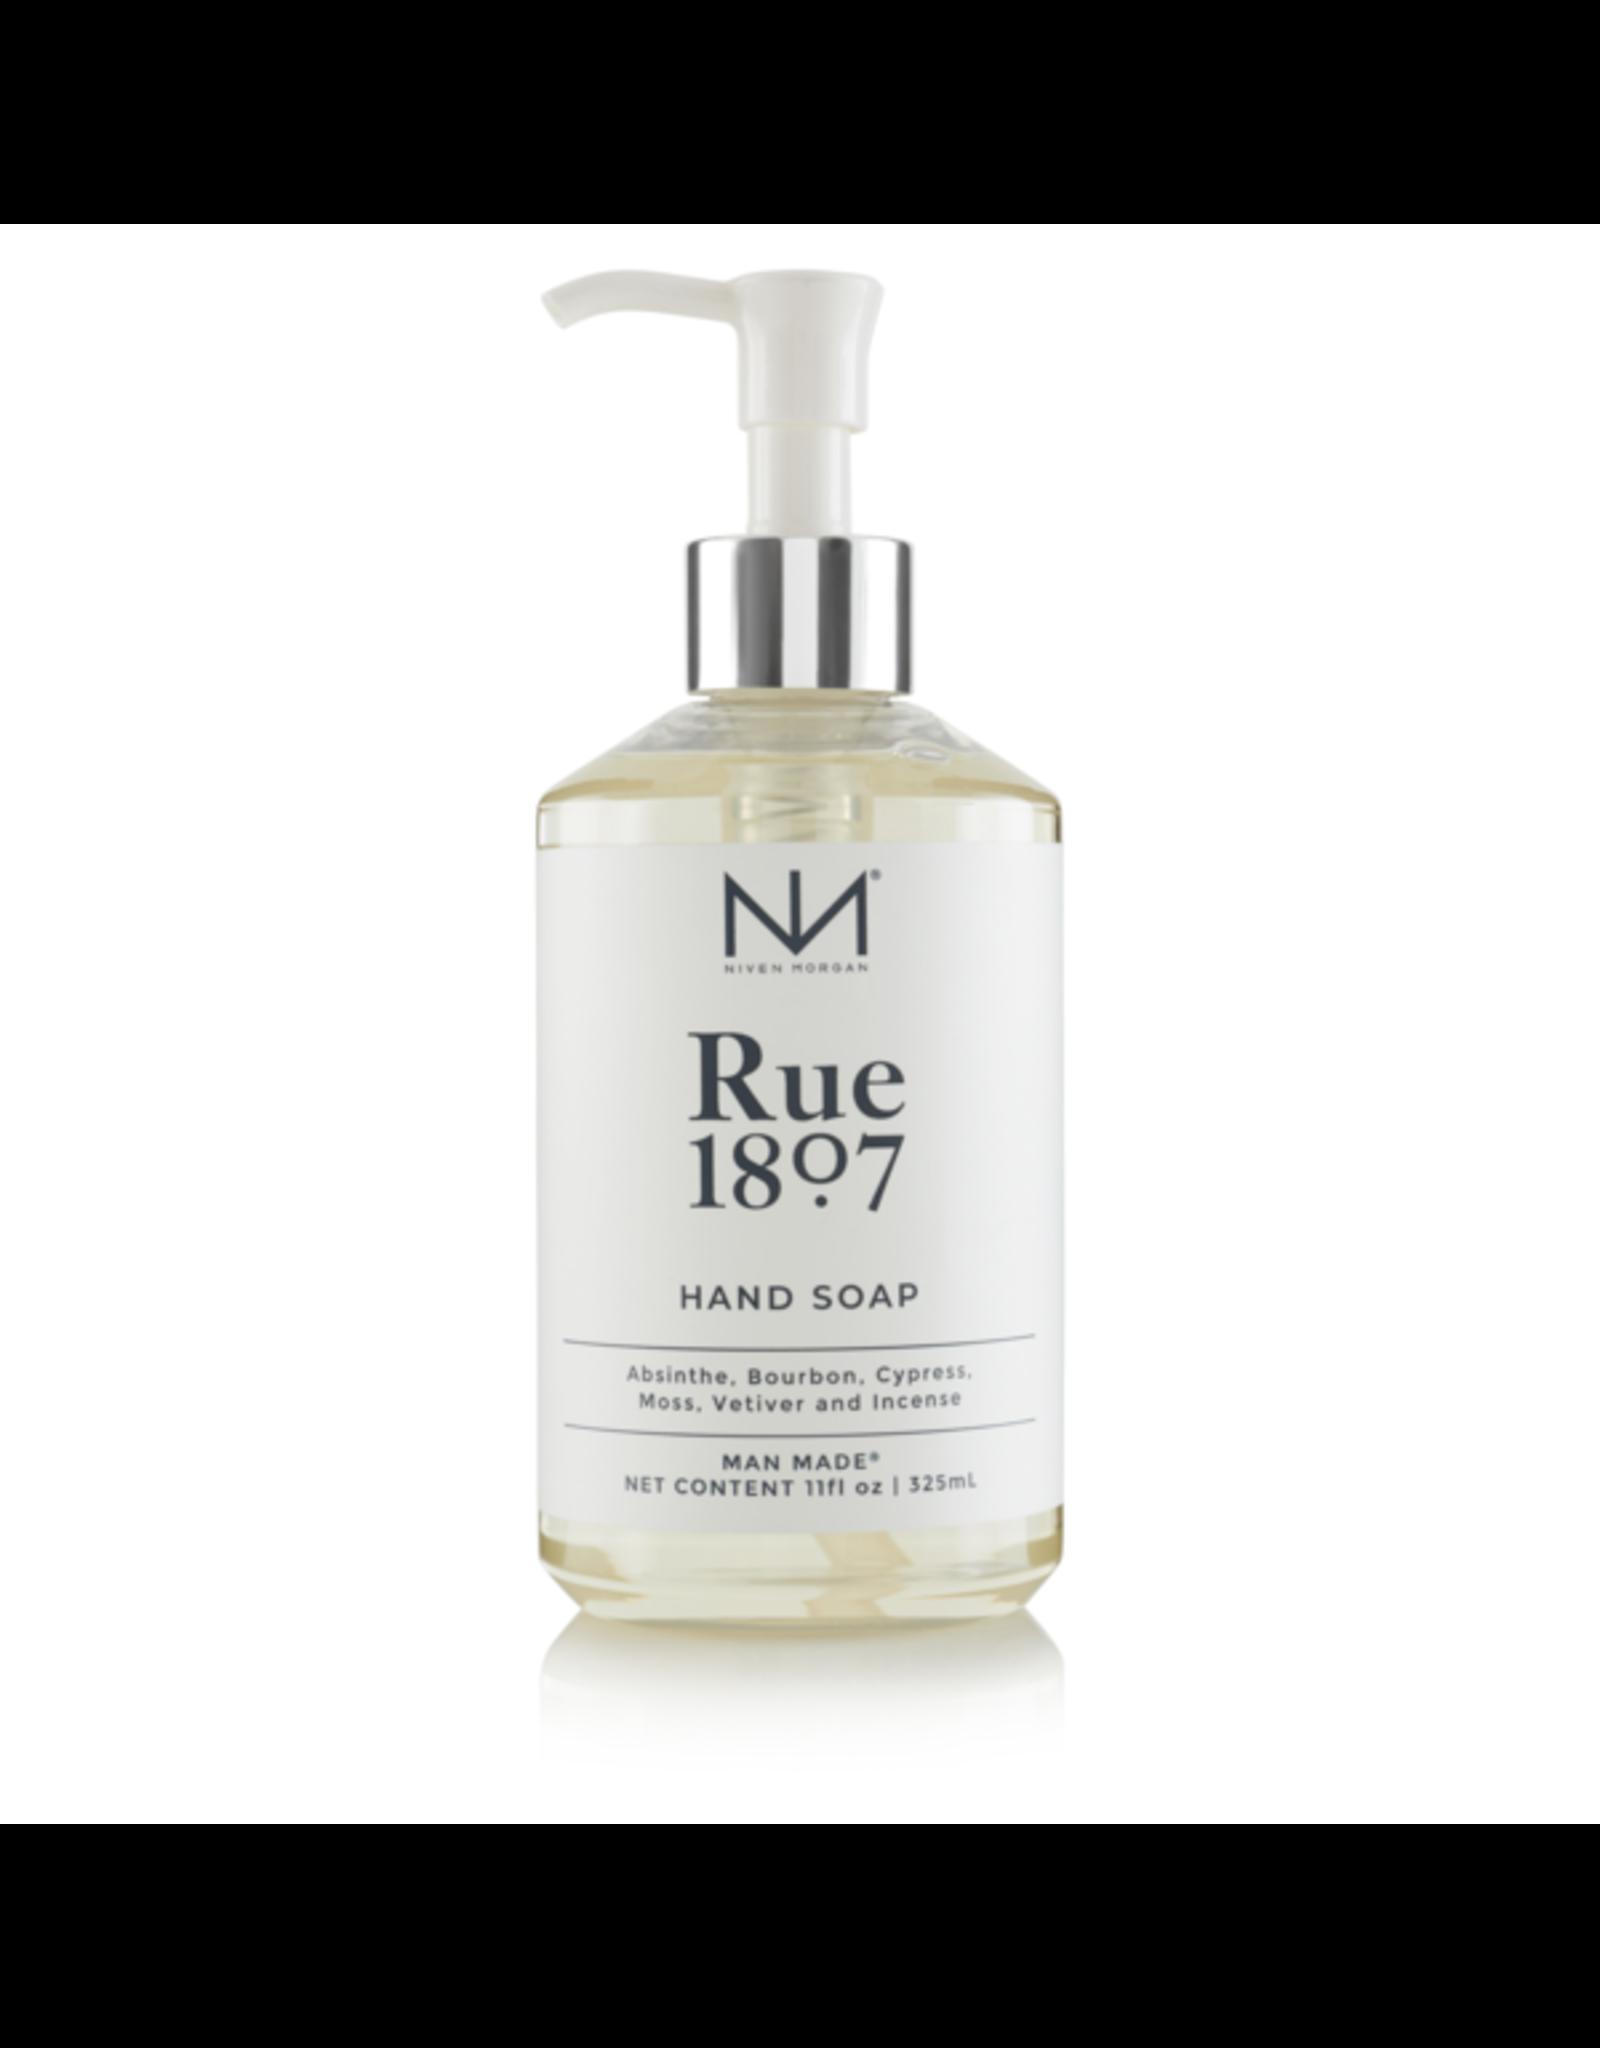 Niven Morgan Rue 1807 Hand Soap 9.5oz